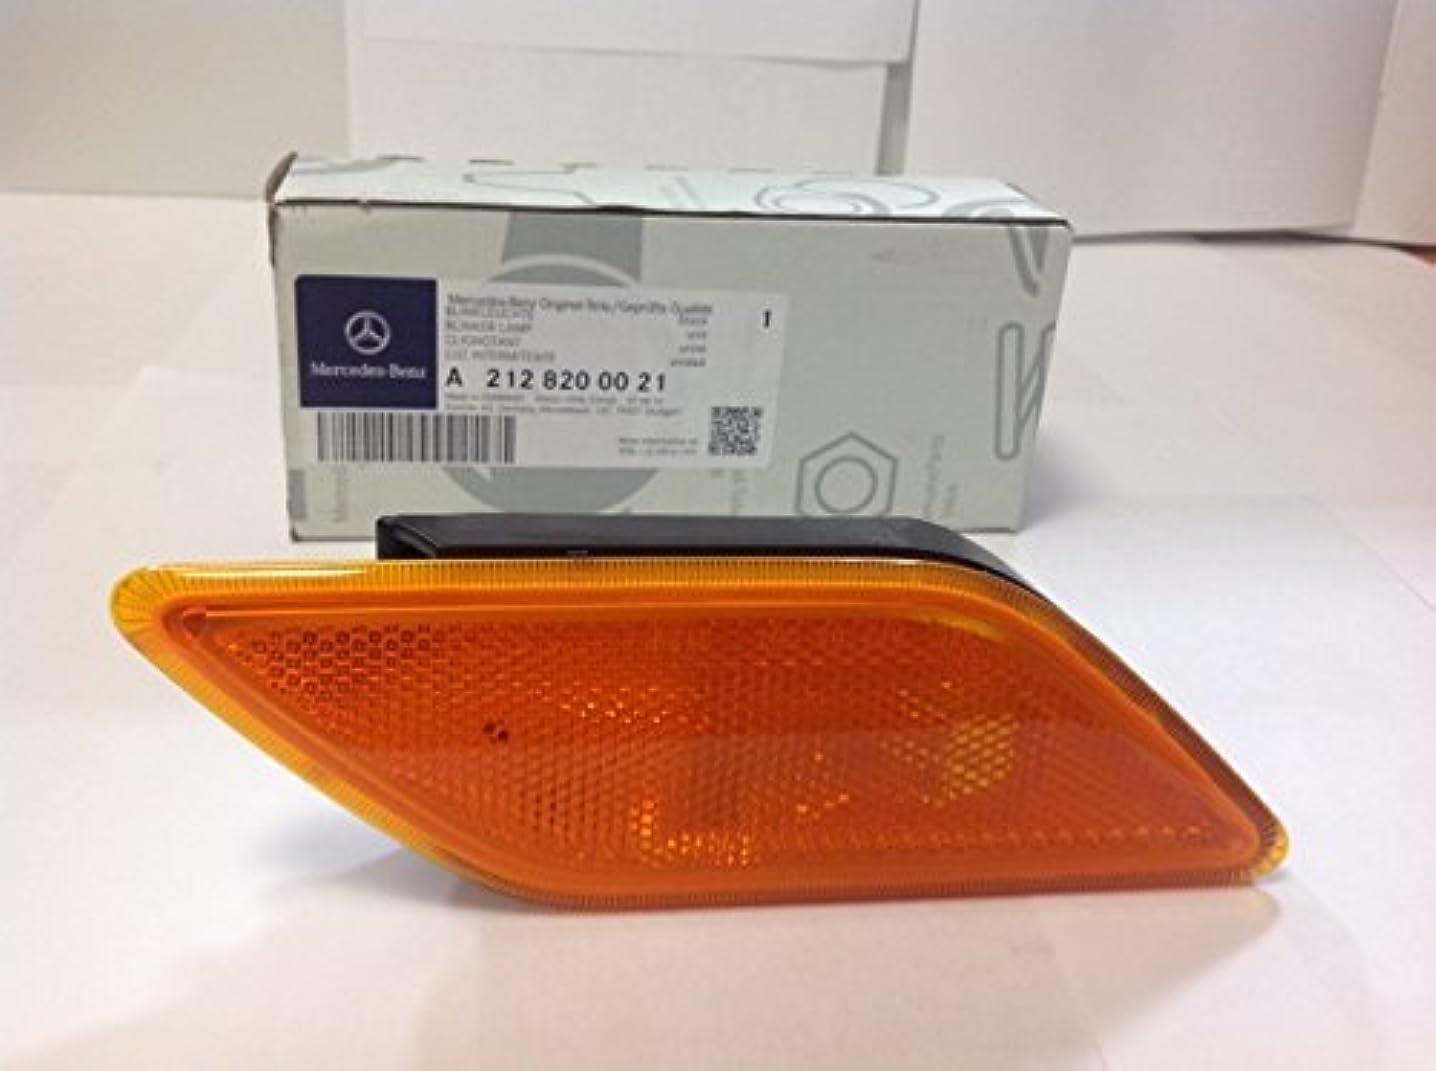 Mercedes-Benz A2128200021 Blinker Lamp